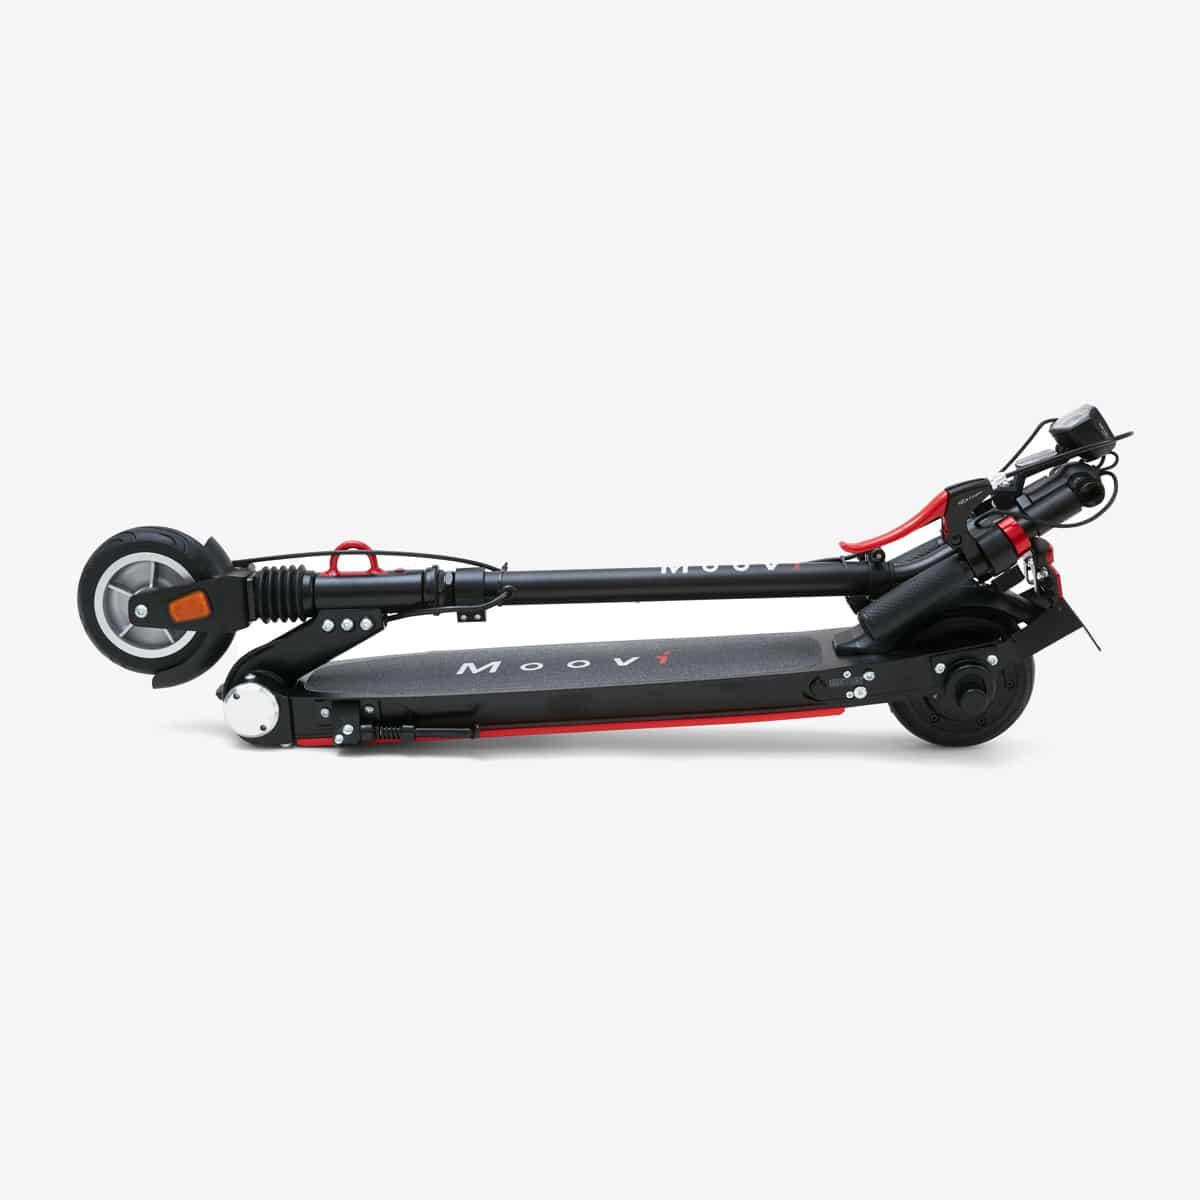 moovi-escooter-stvo-strassenzulassung-zusammengeklappt-klappmechanismus